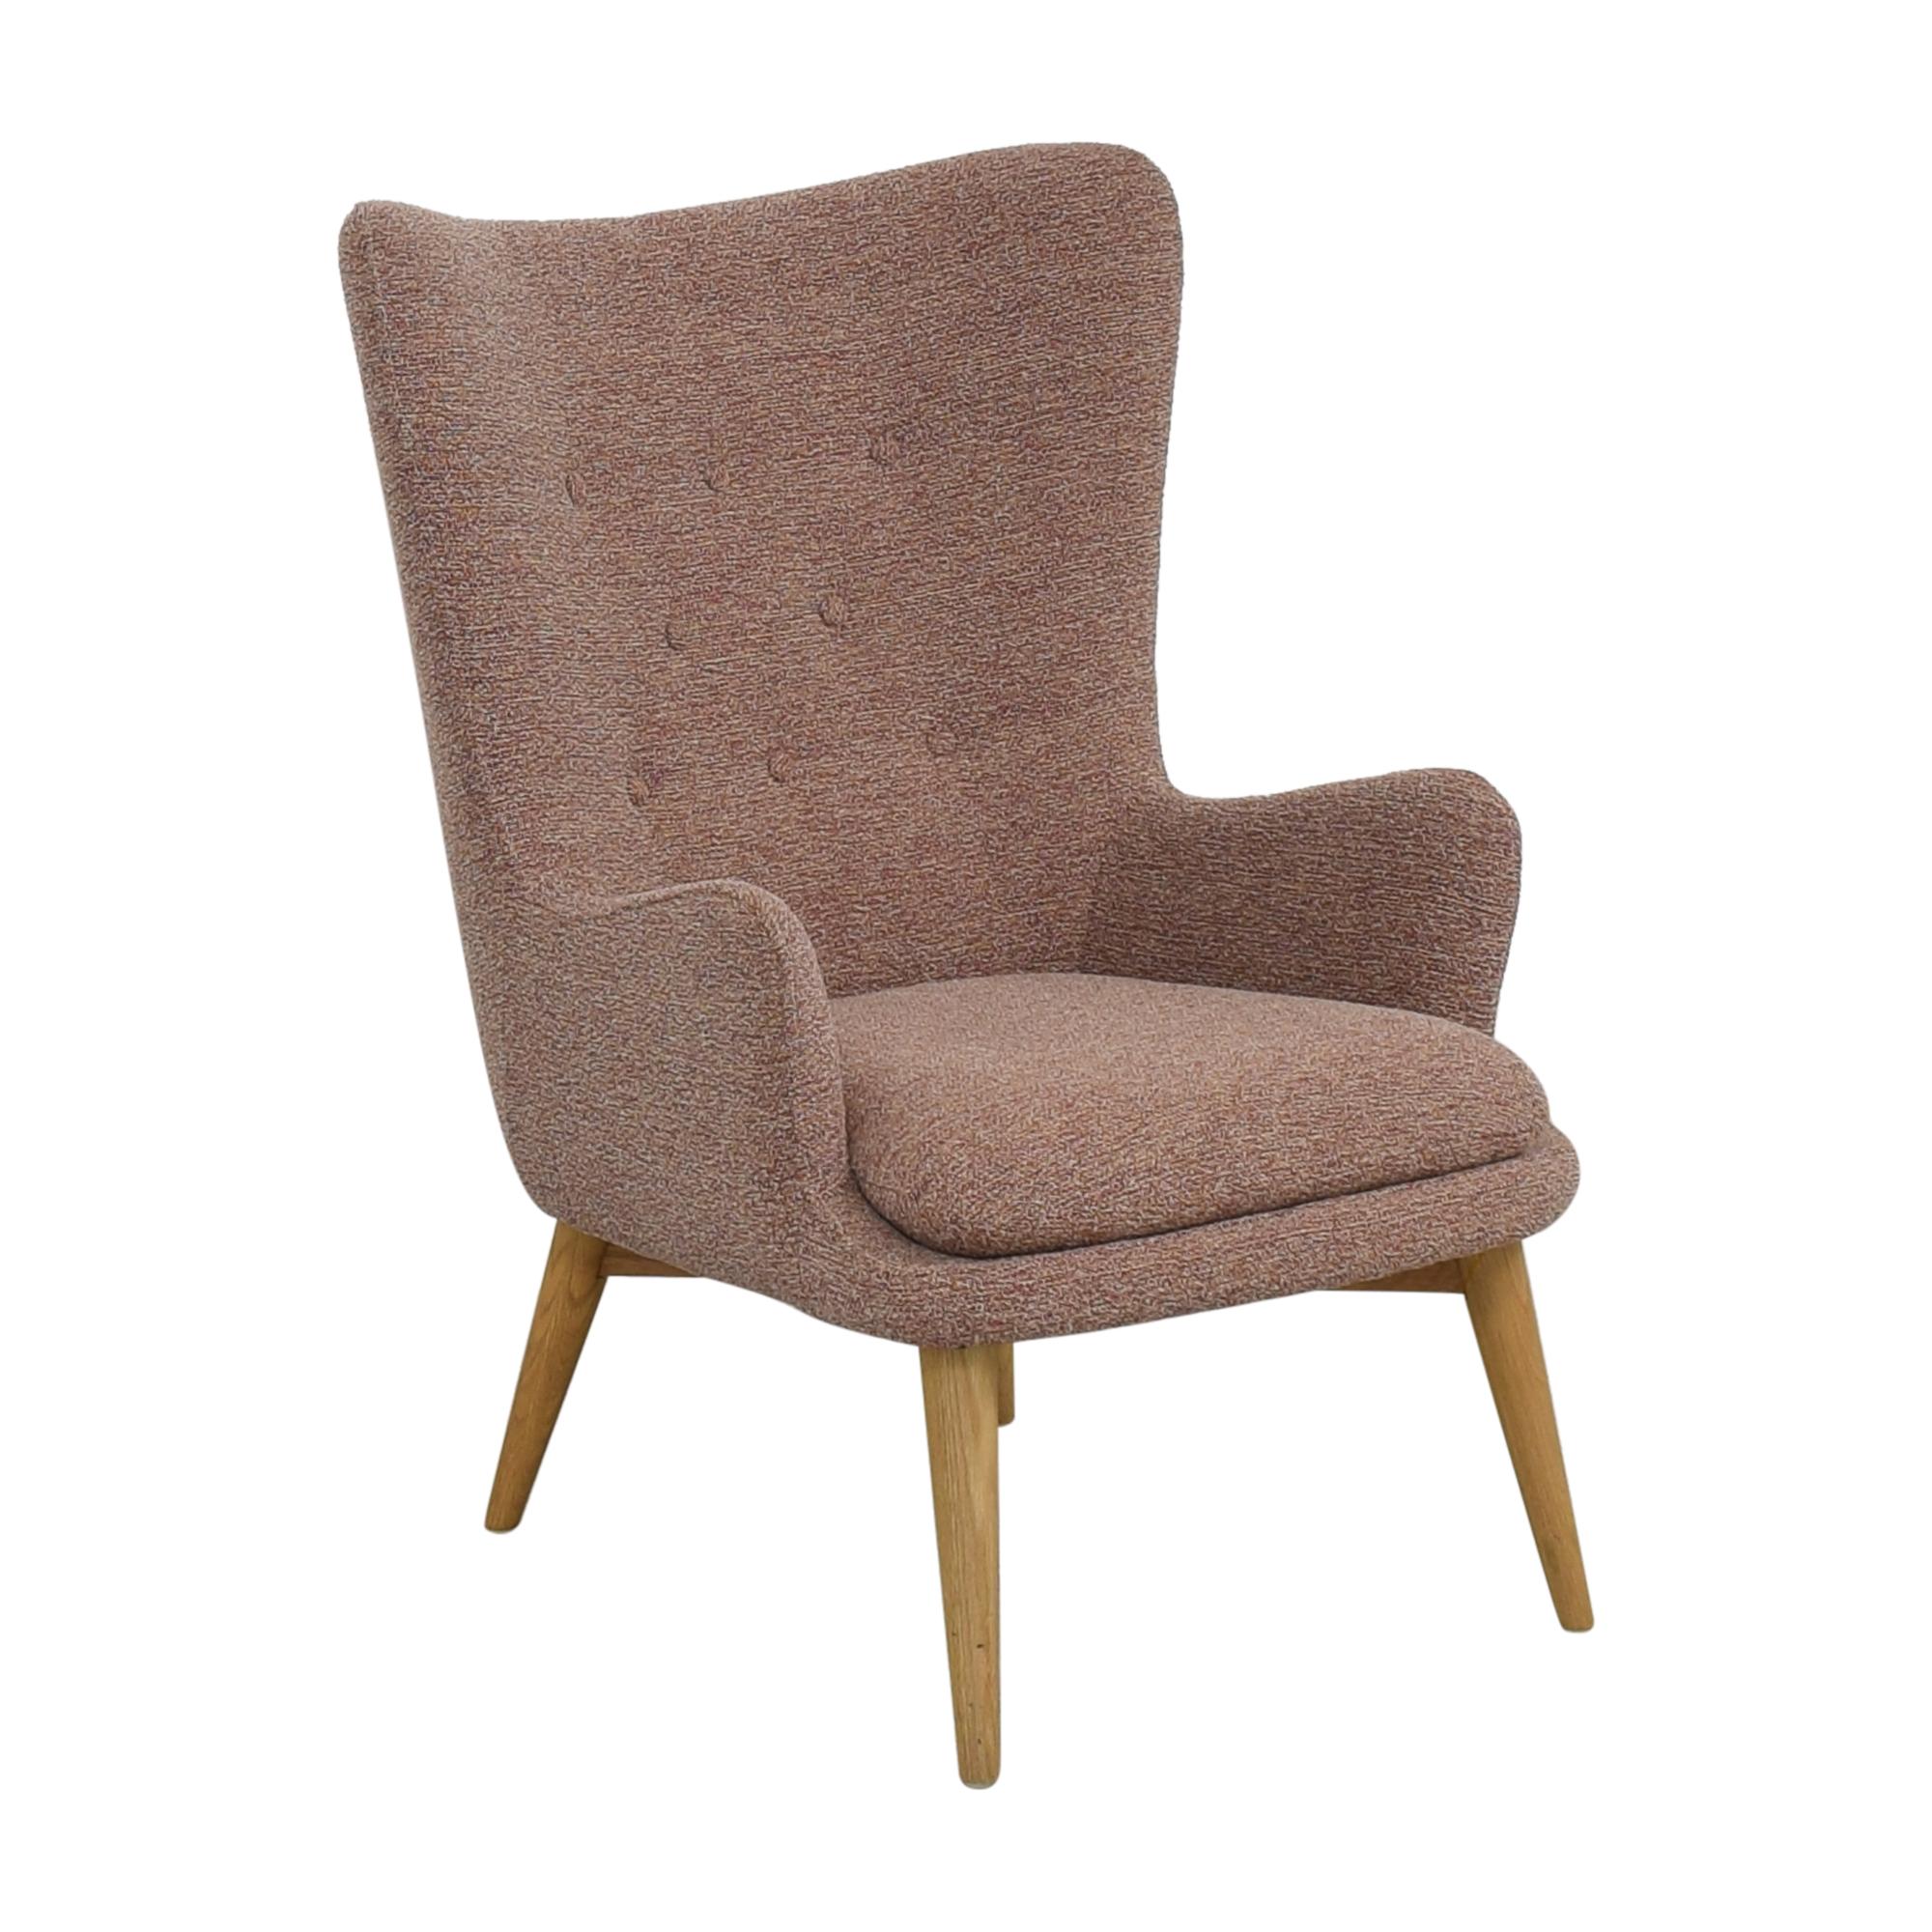 West Elm West Elm Niels Wing Chair used